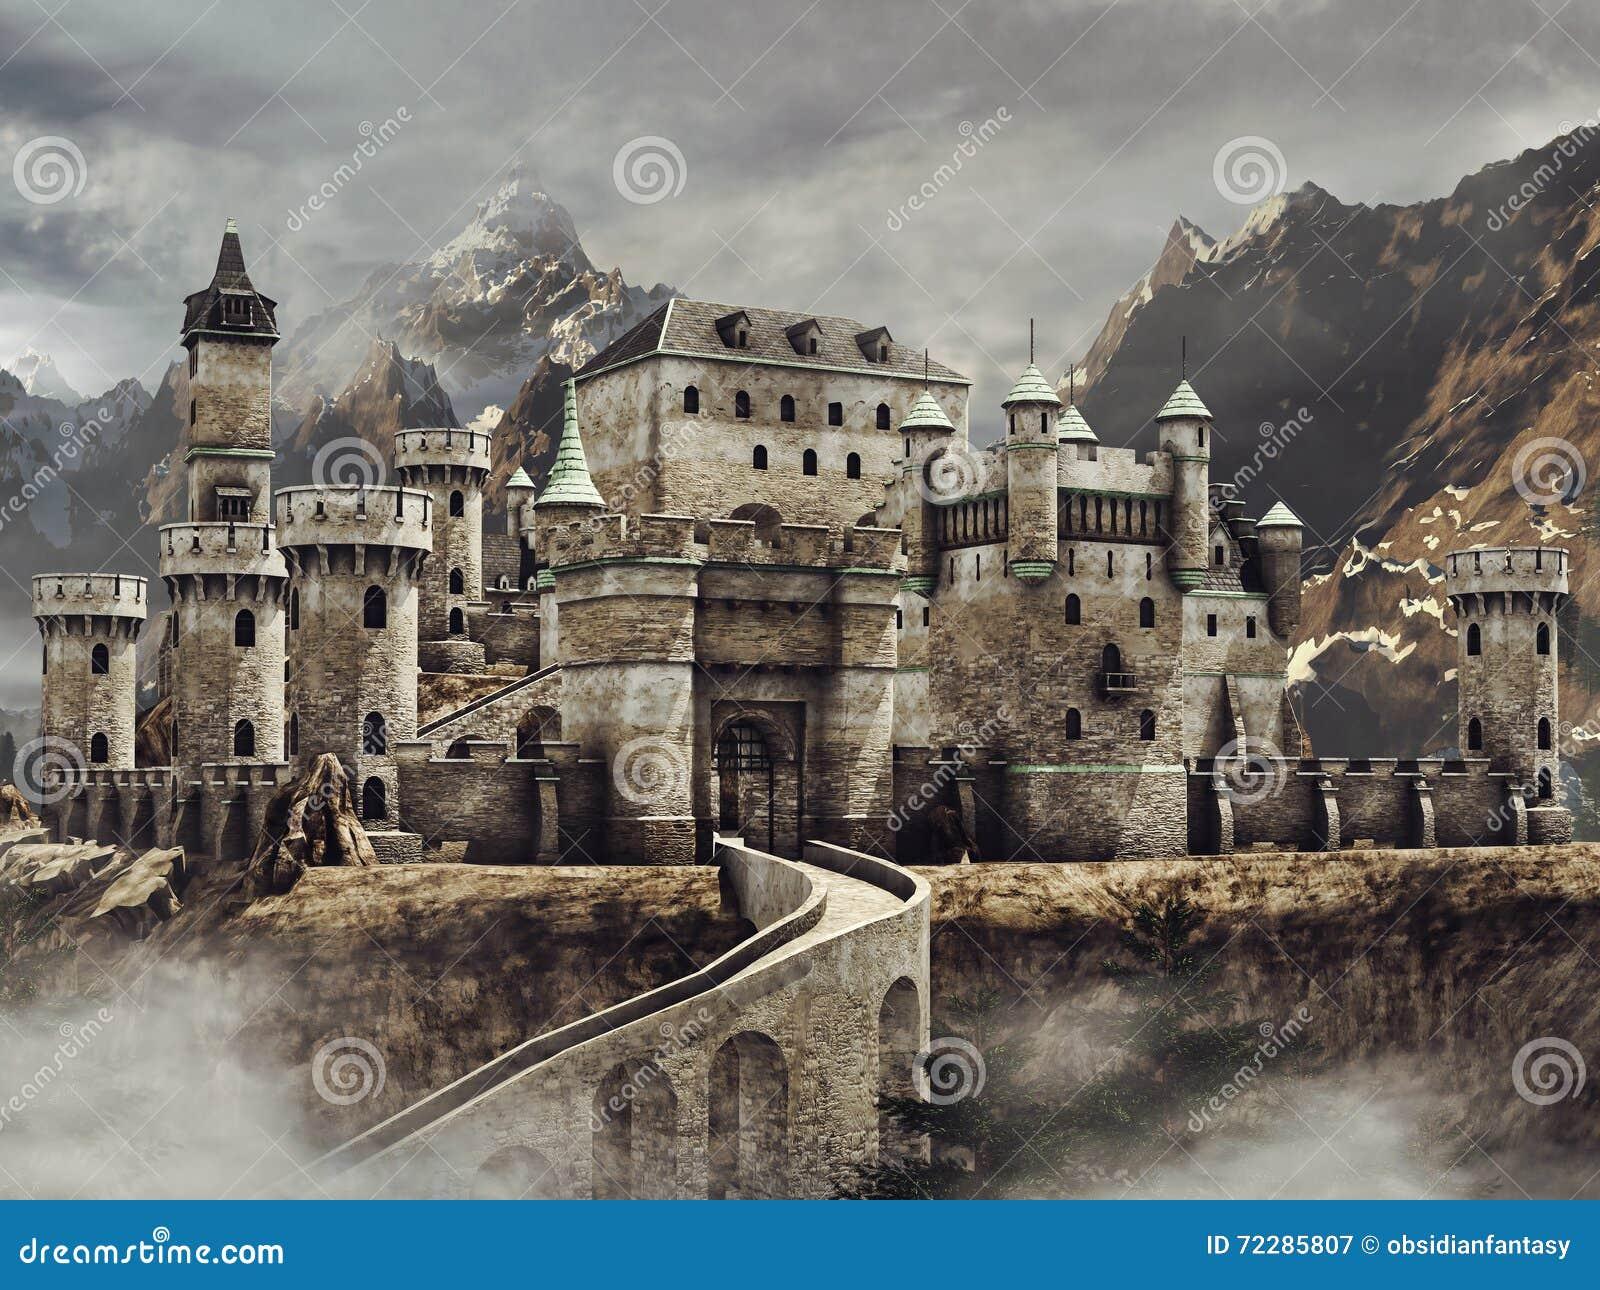 Download Замок фантазии в горах иллюстрация штока. иллюстрации насчитывающей замок - 72285807